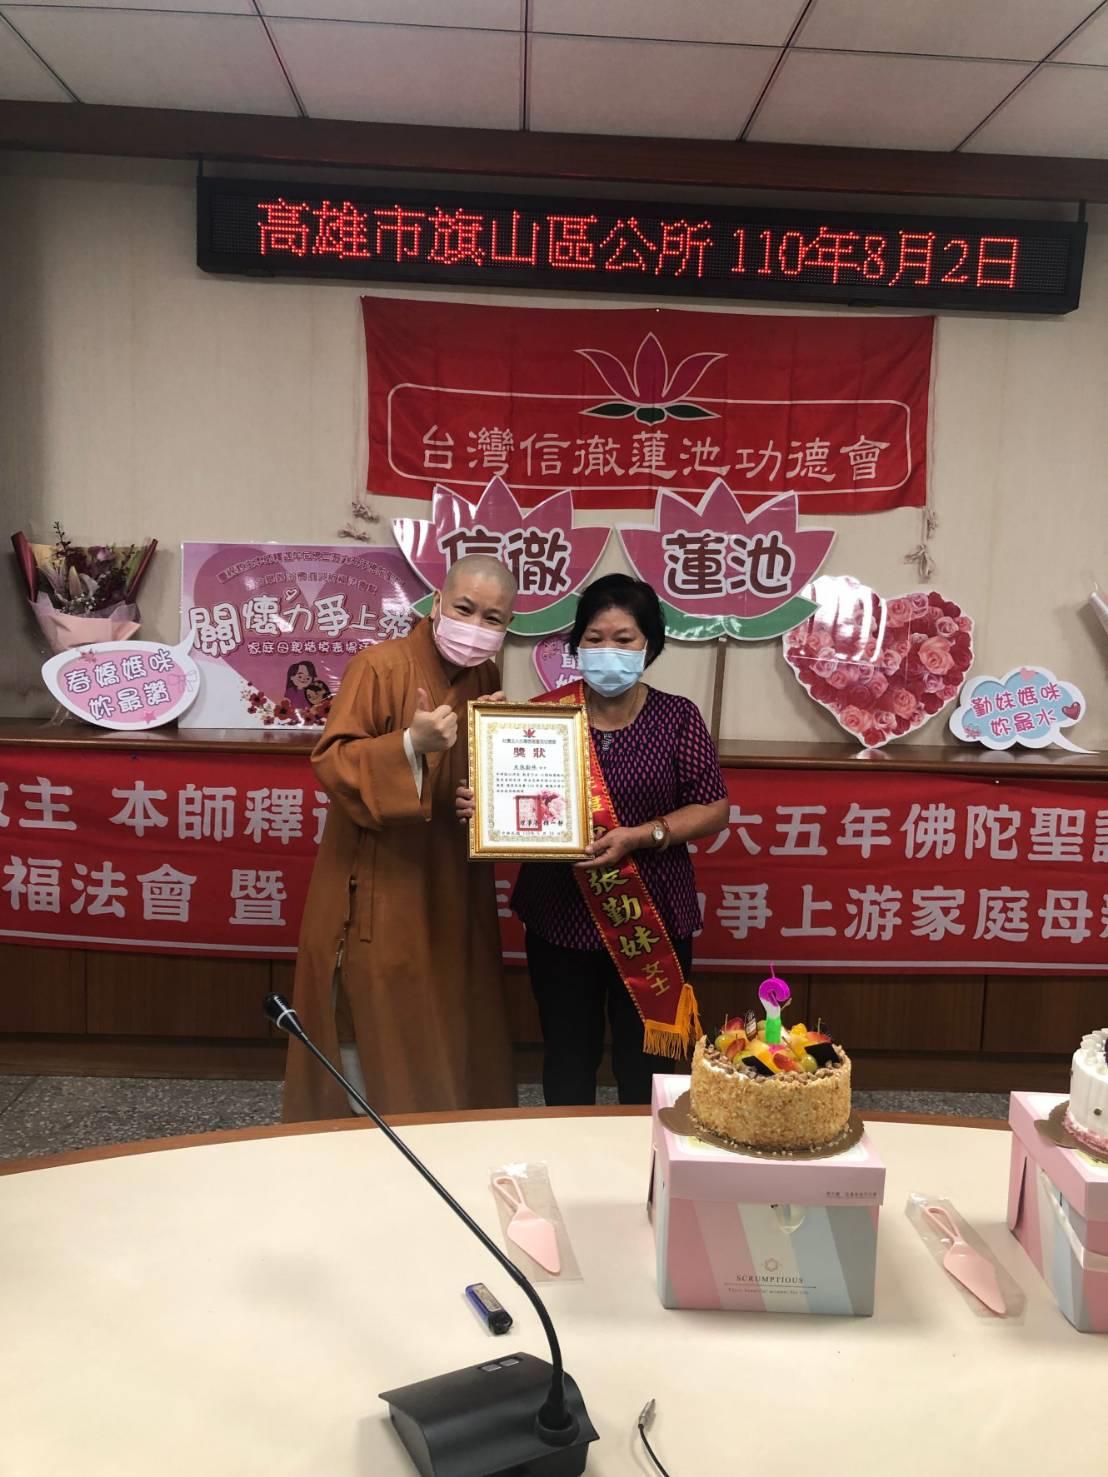 宋張勤妹 當選關懷力爭上游家庭母親楷模表揚